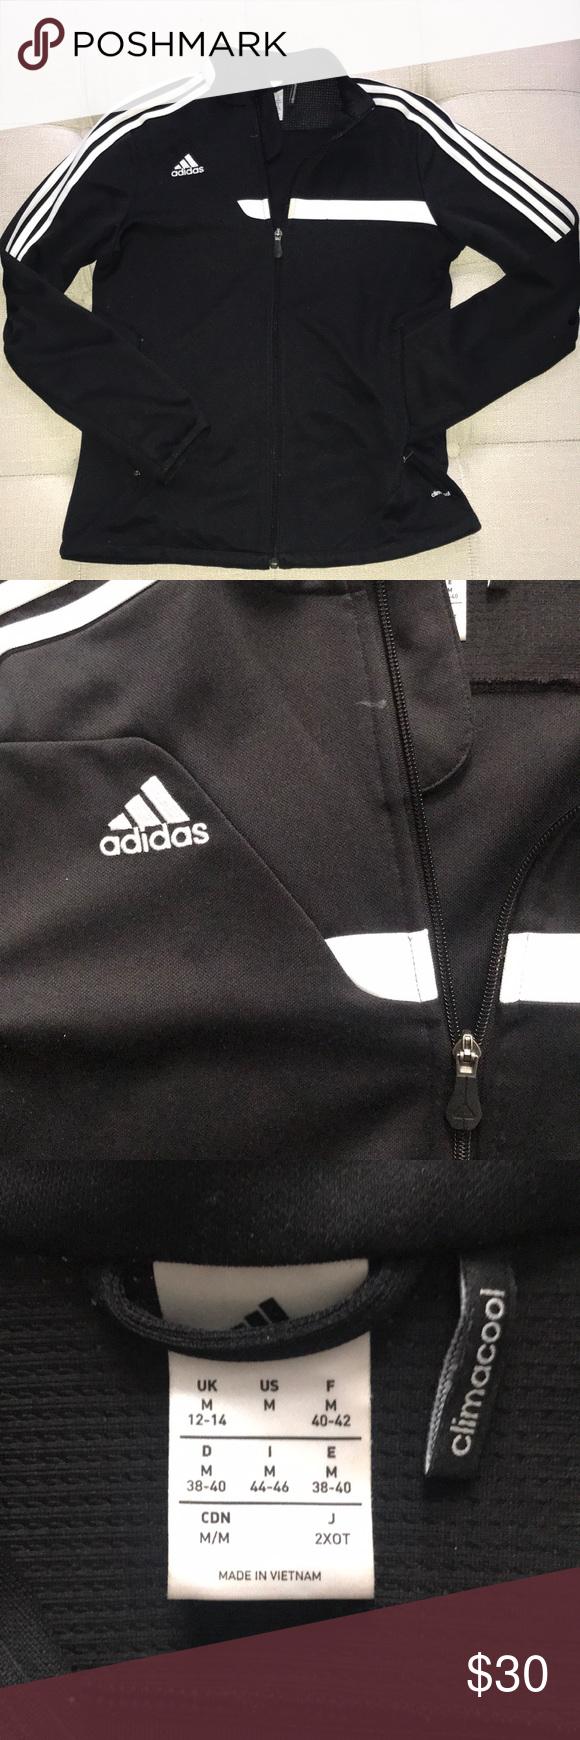 adidas Climacool Zip Up | Zip ups, Adidas zip up, Adidas